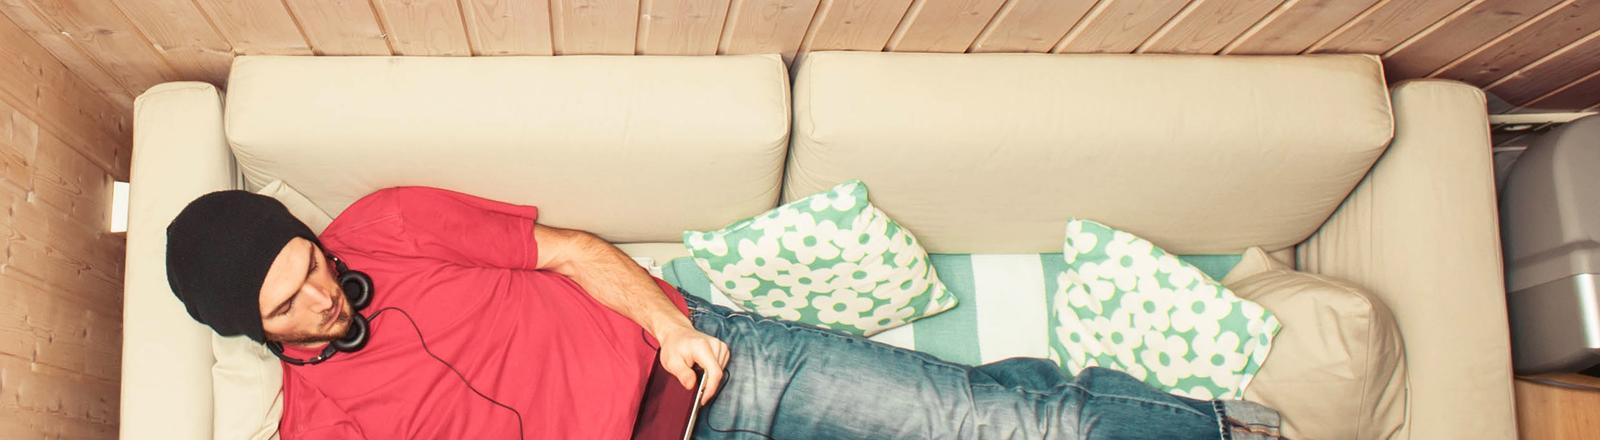 Typ mit Tablet auf dem Sofa